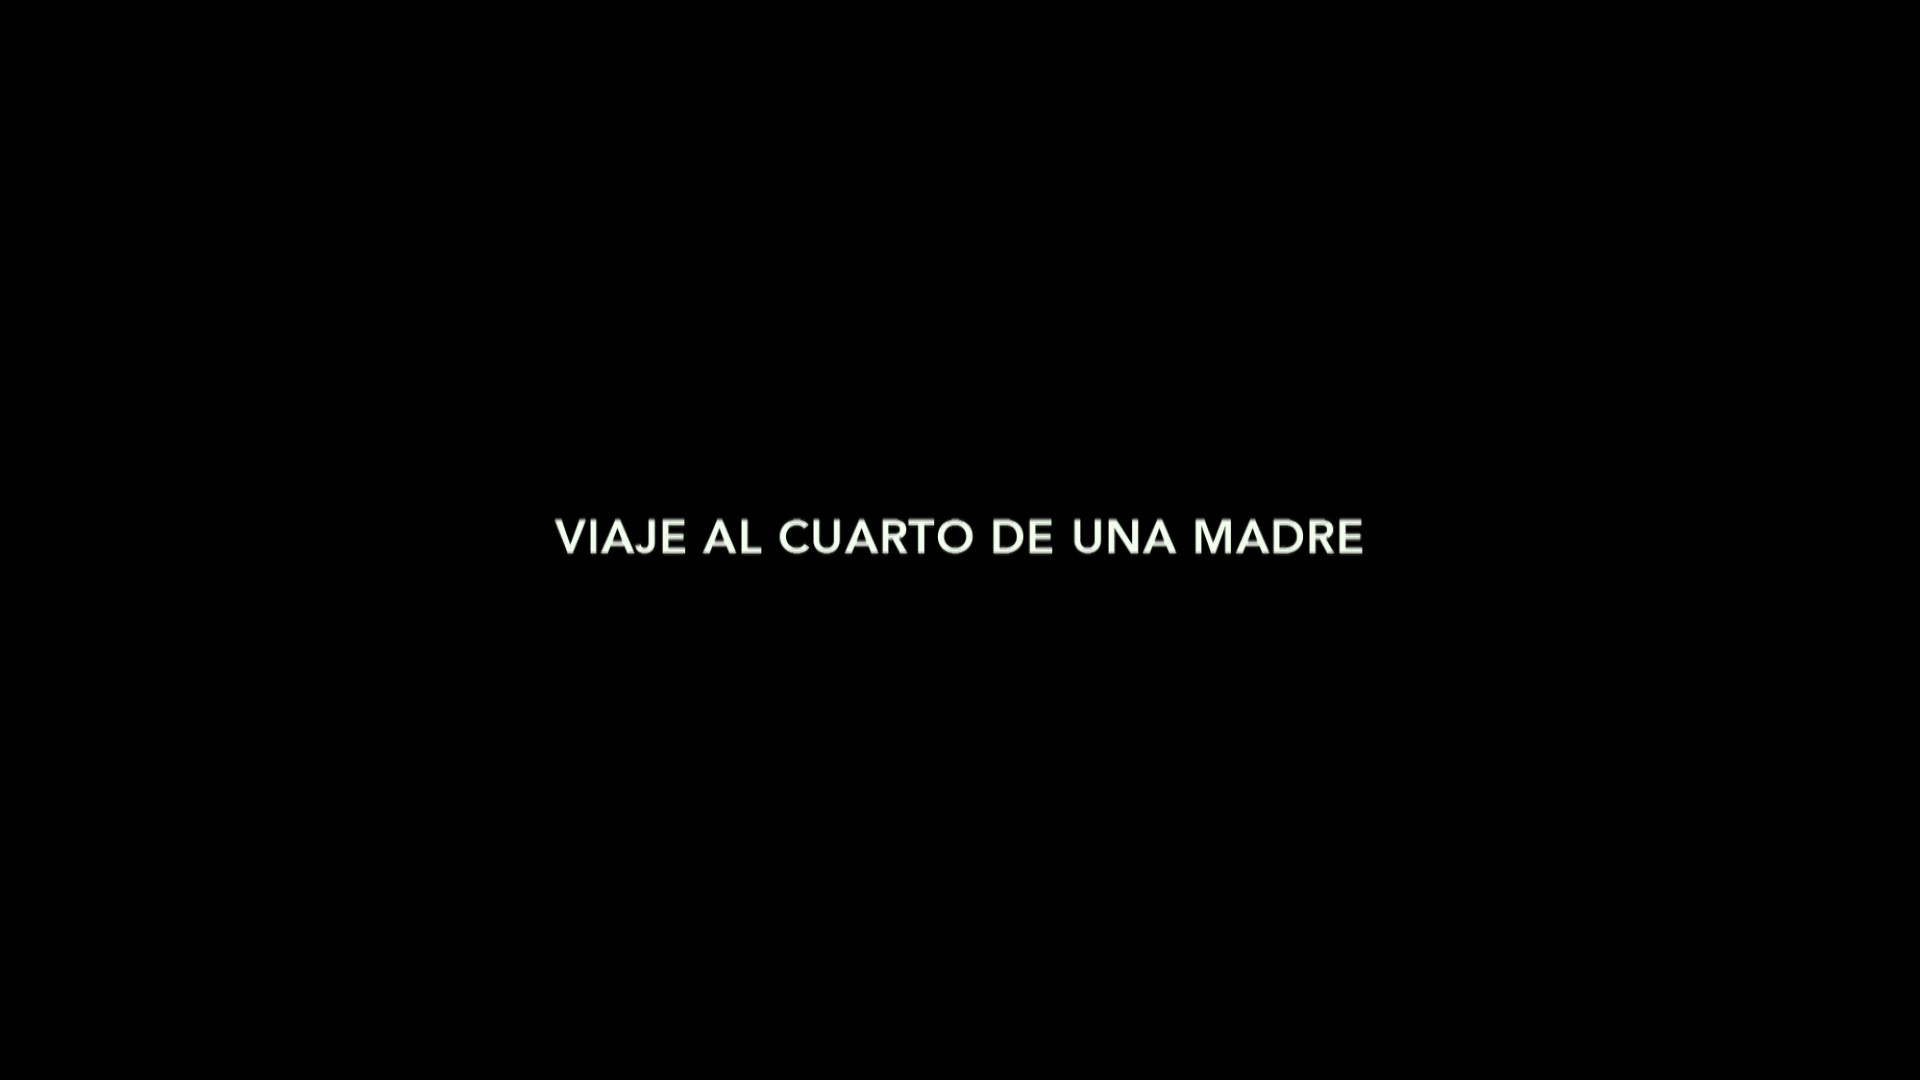 Viaje al cuarto de una madre (2018) 1080p WEB-DL